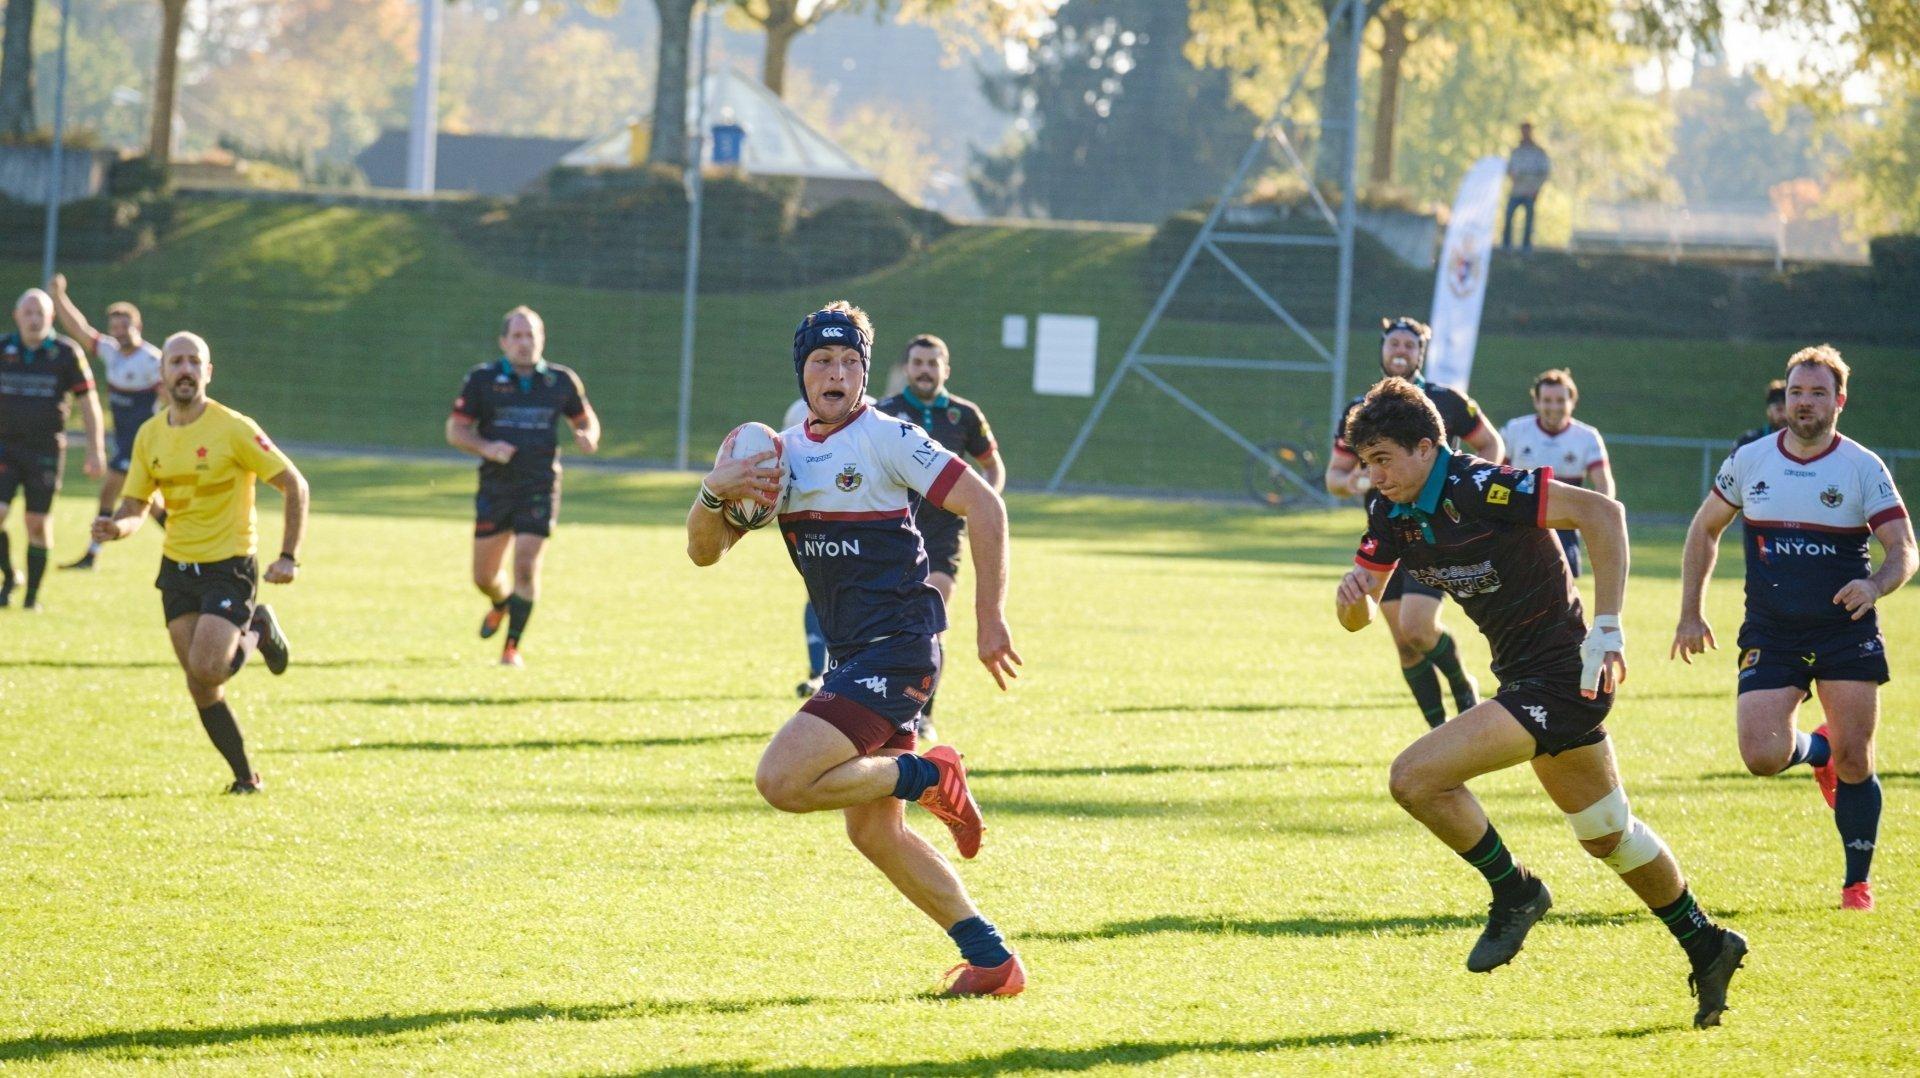 Vainqueur d'Hermance, le Nyon Rugby Club ne s'arrête plus